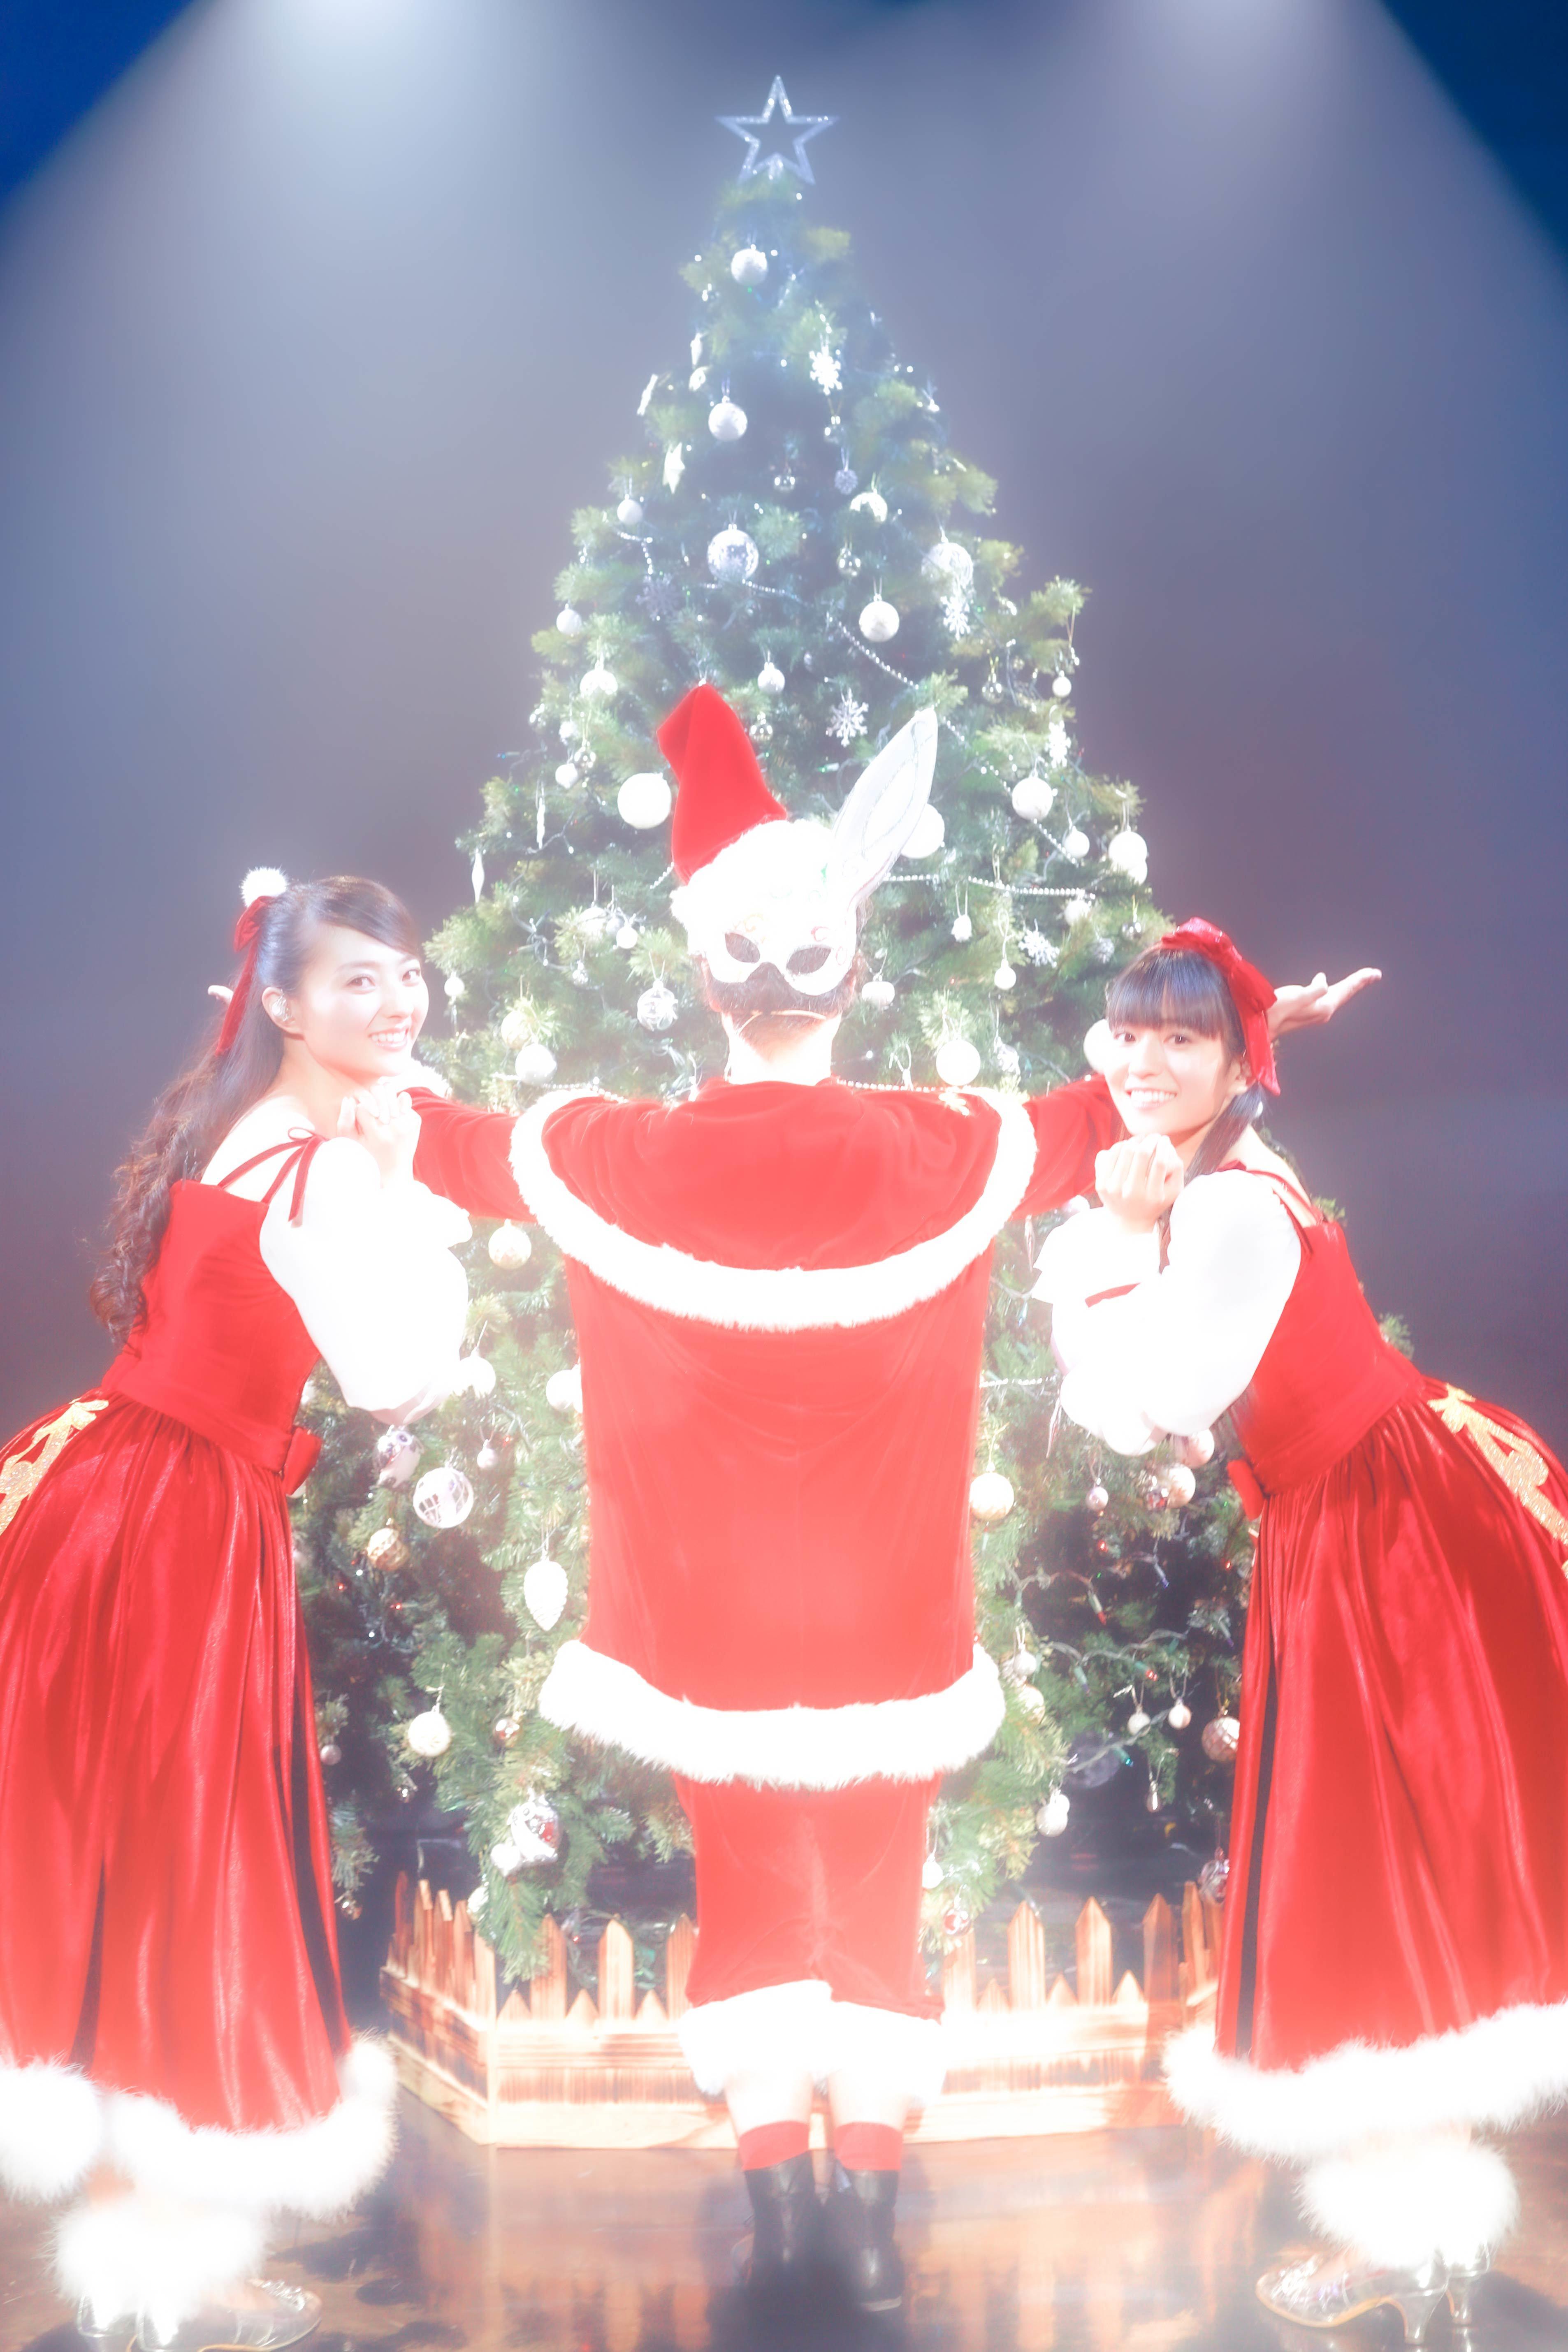 配信ライブ『Merry ClarismaS 〜ひみつのサンタクロース〜』より (Photo by 平野タカシ)